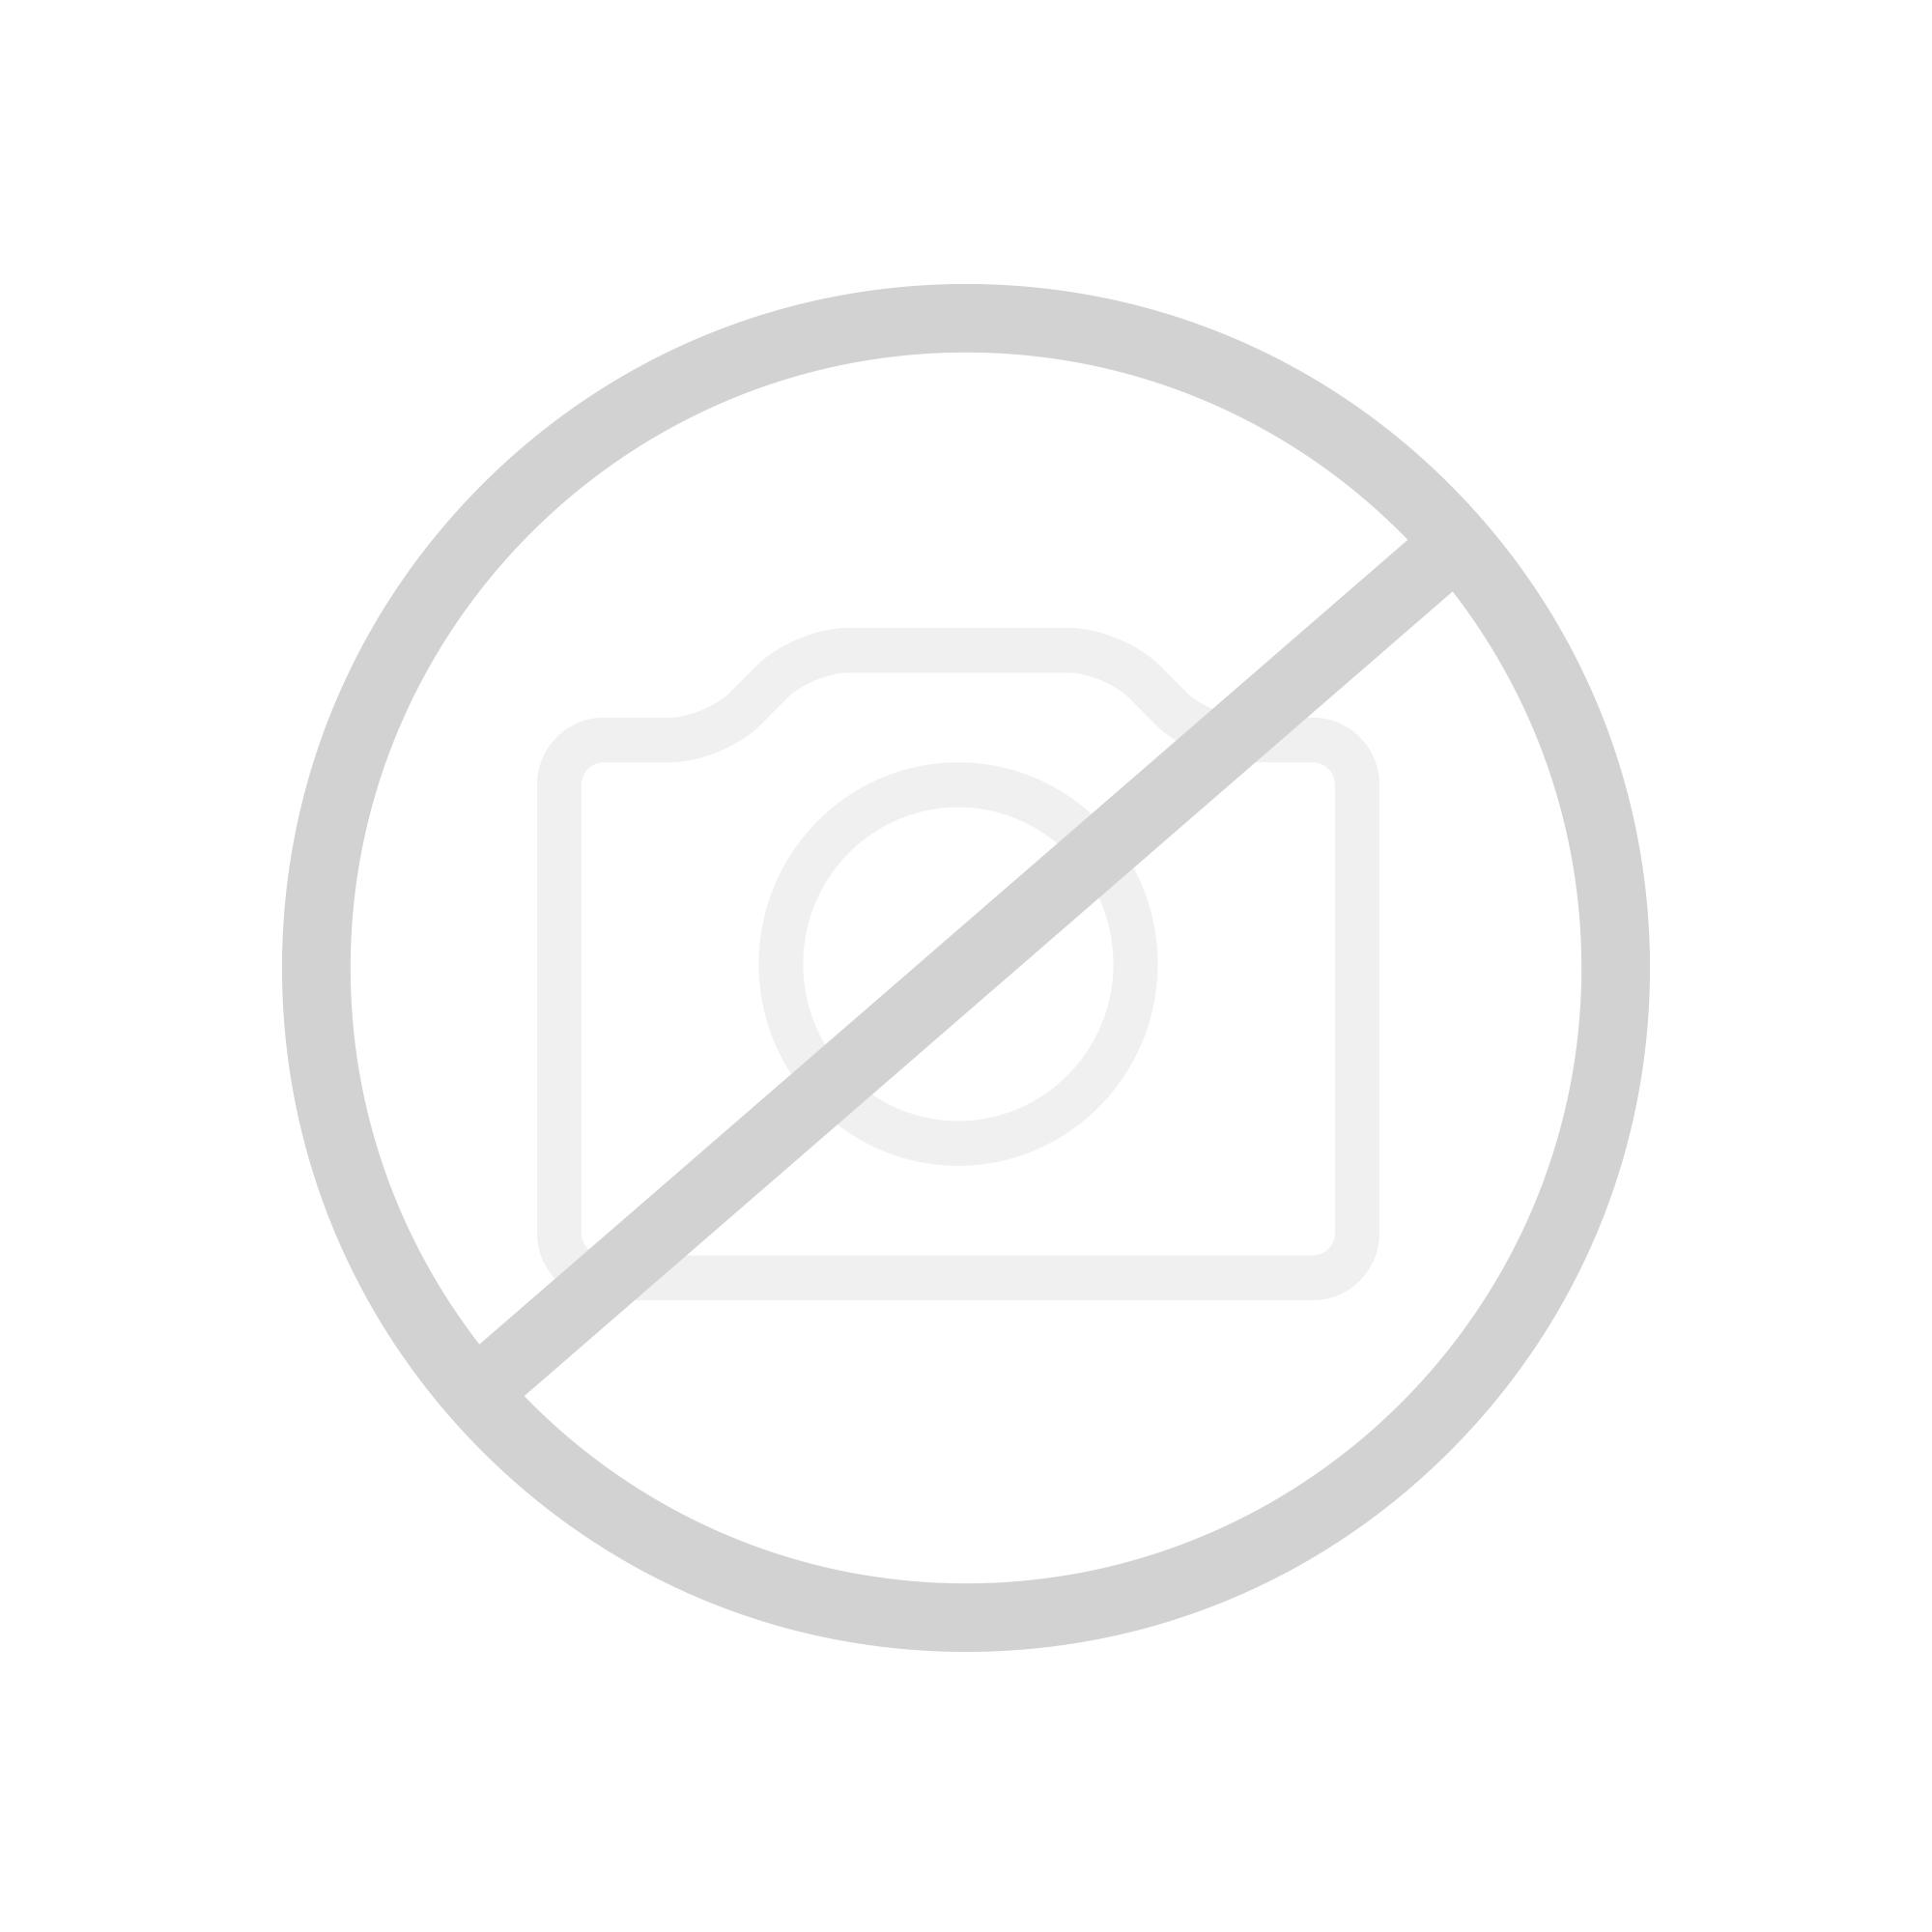 Hansa Public Waschtisch-Einhand-Wandbatterie, Auslauf Ø 19 mm Ausladung: 225 mm